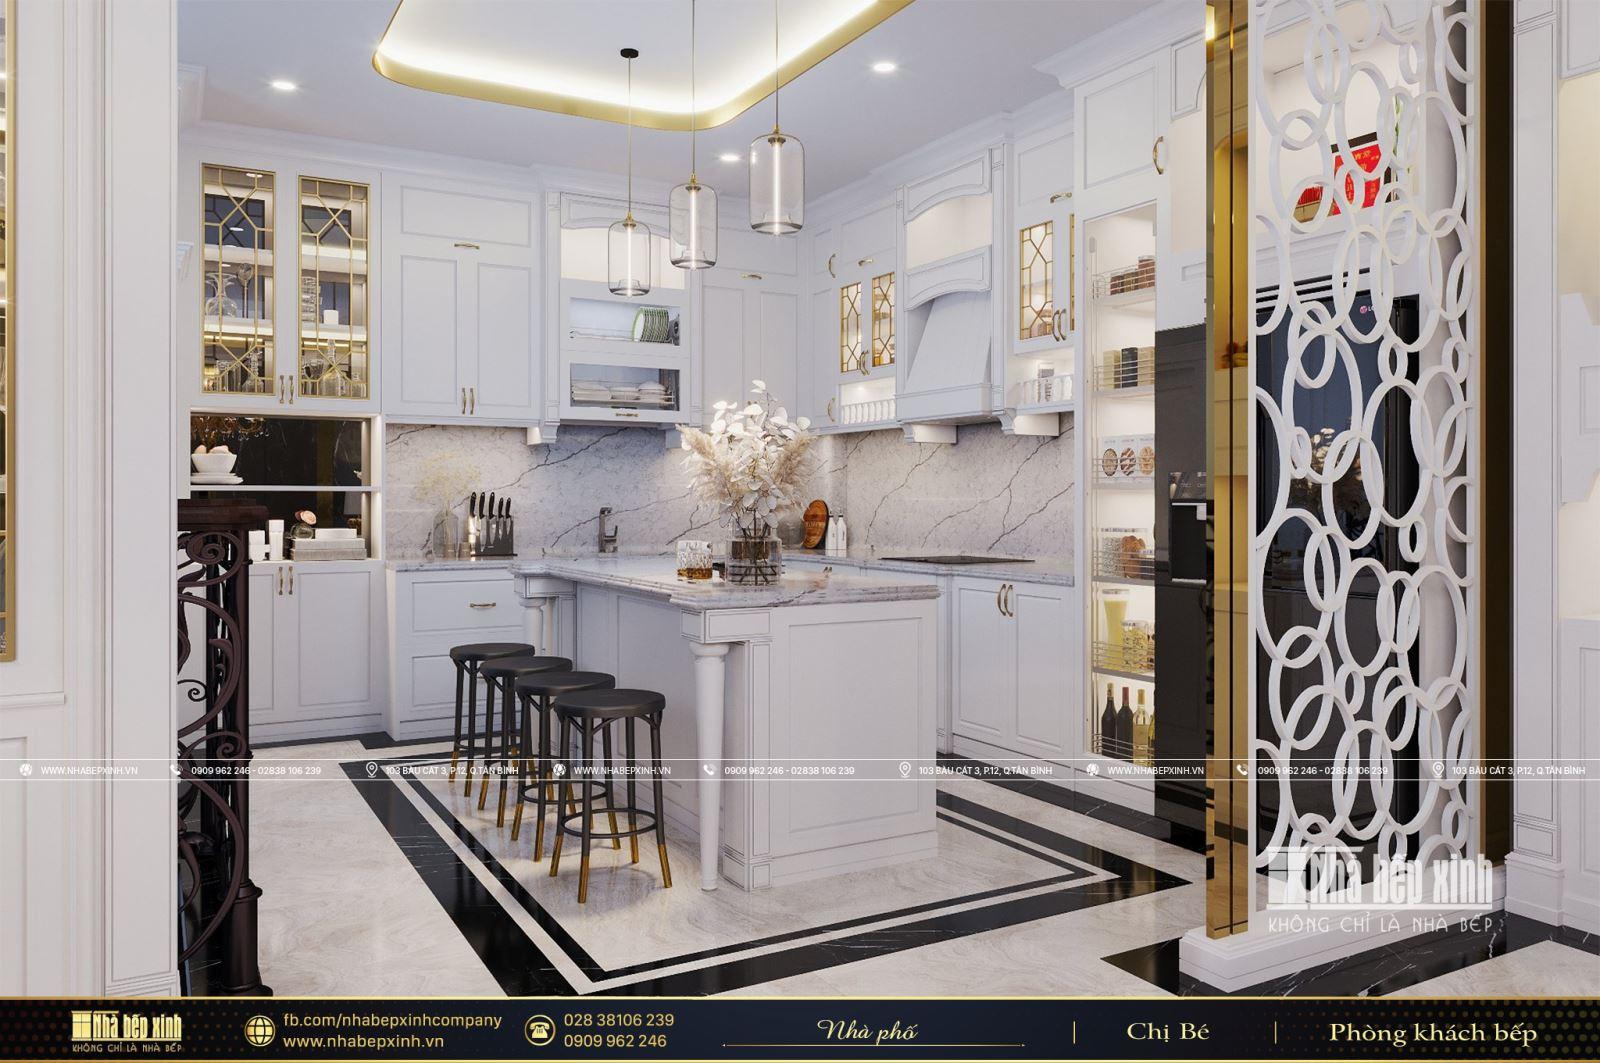 Thiết kế nội thất phòng khách bếp tân cổ điển sang trọng